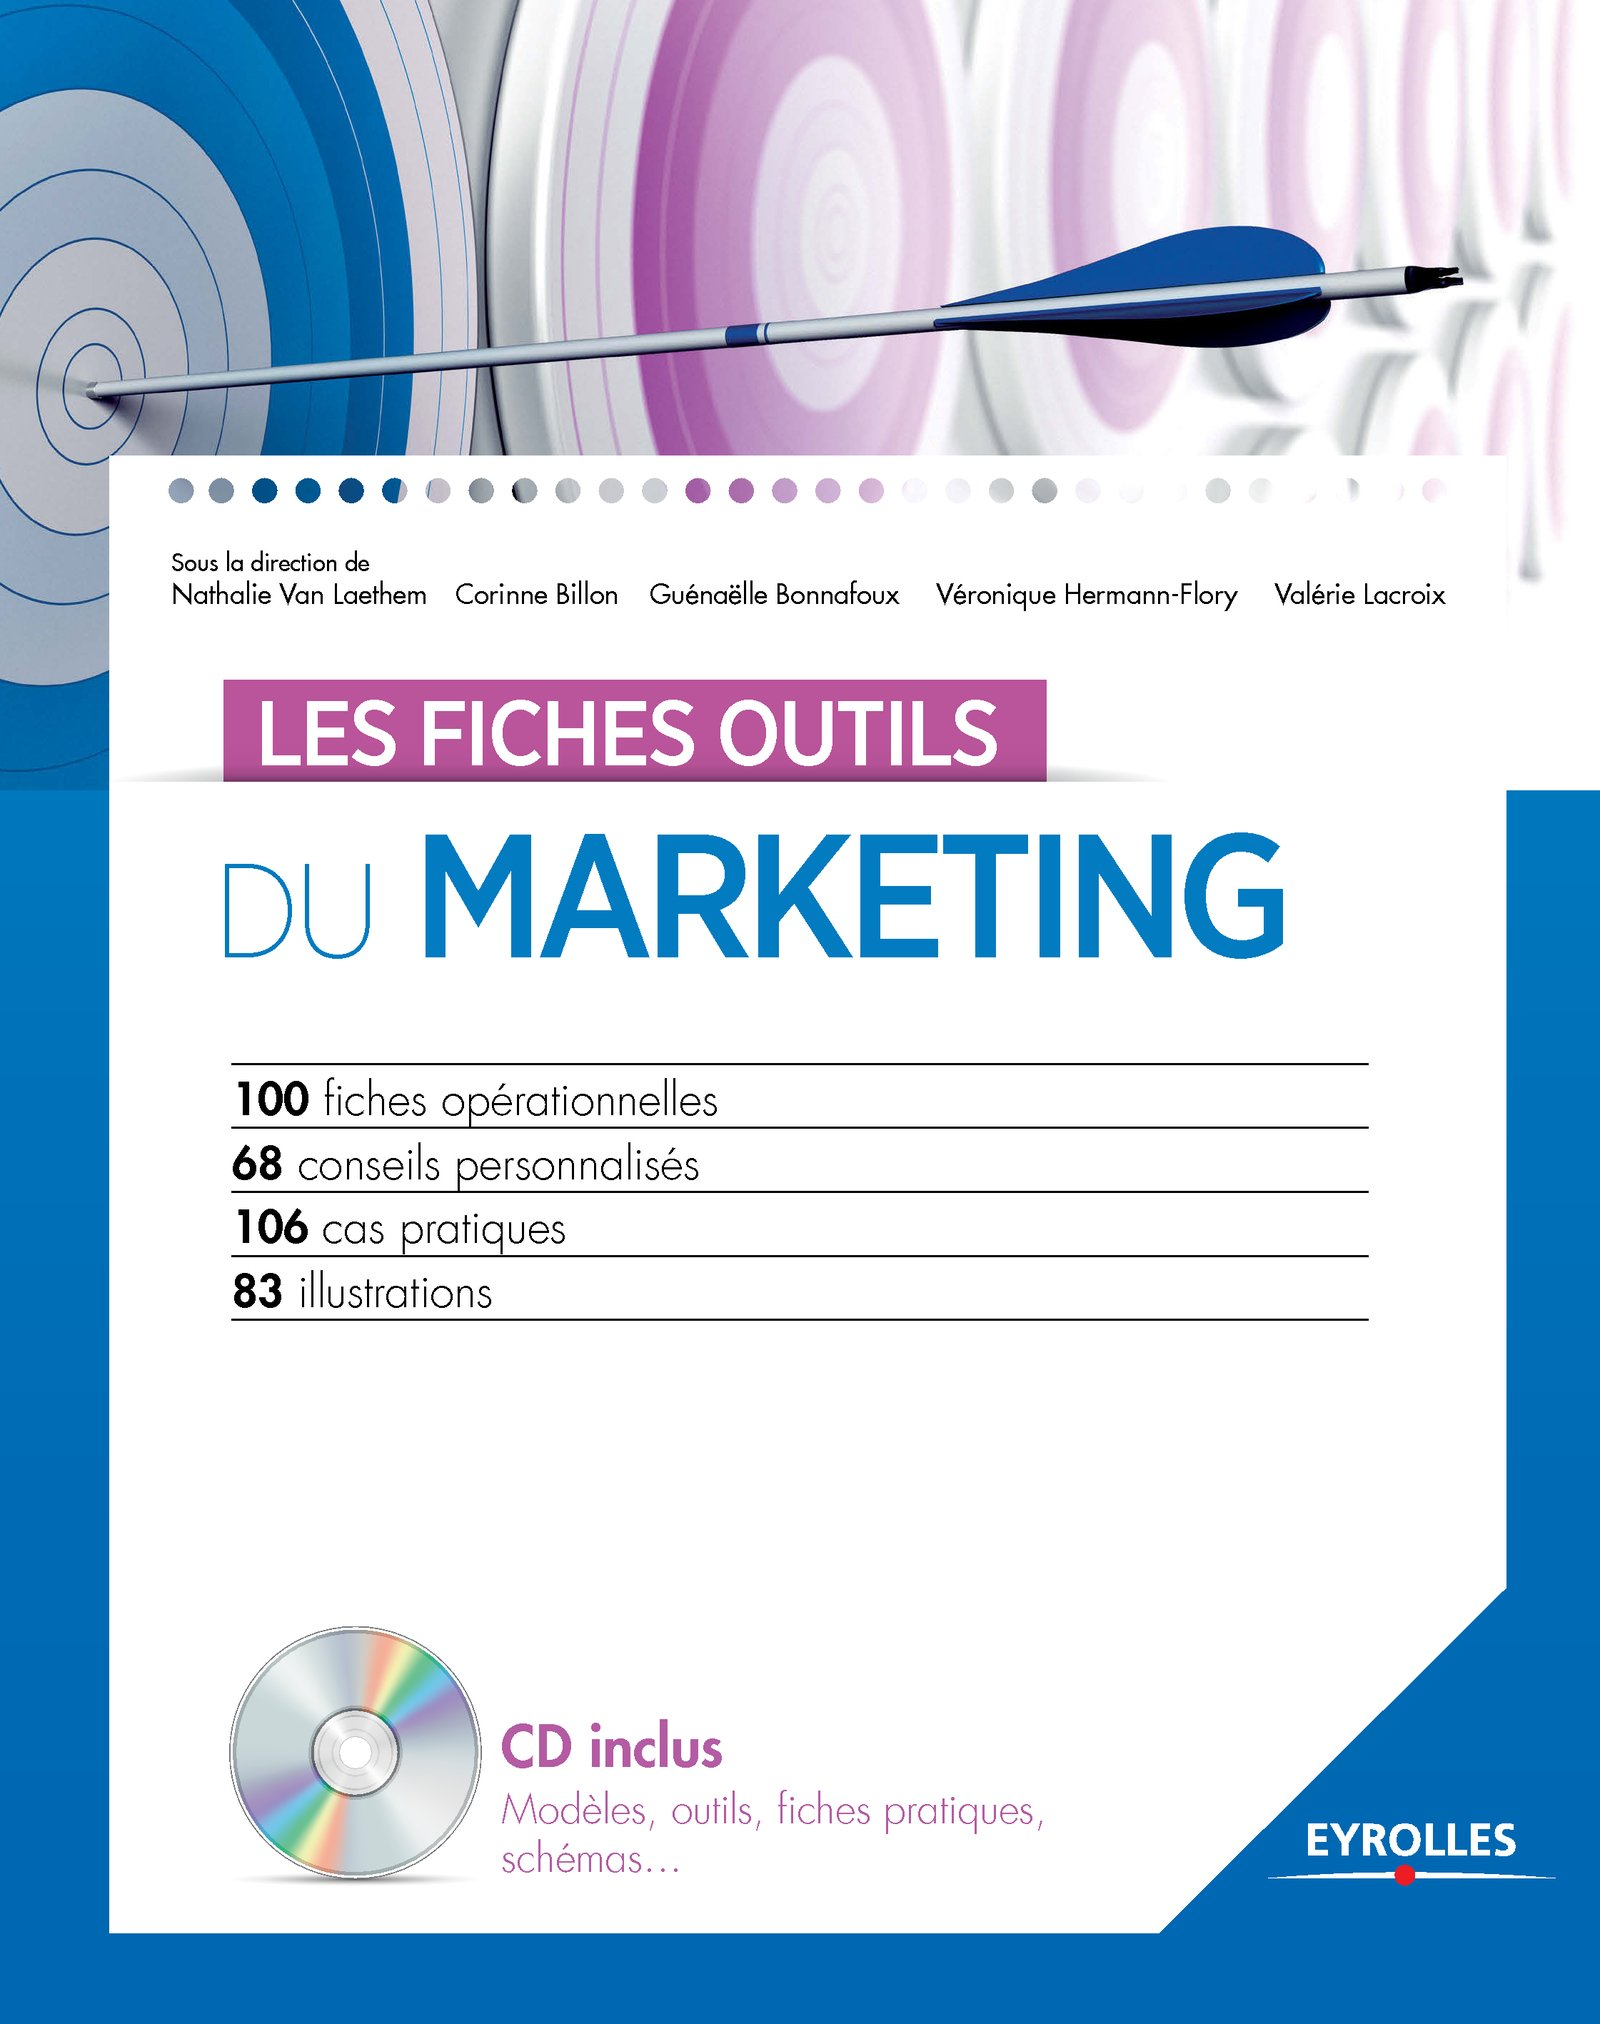 Les fiches outils du marketing : Modèles, outils, fiches pratiques, schémas…